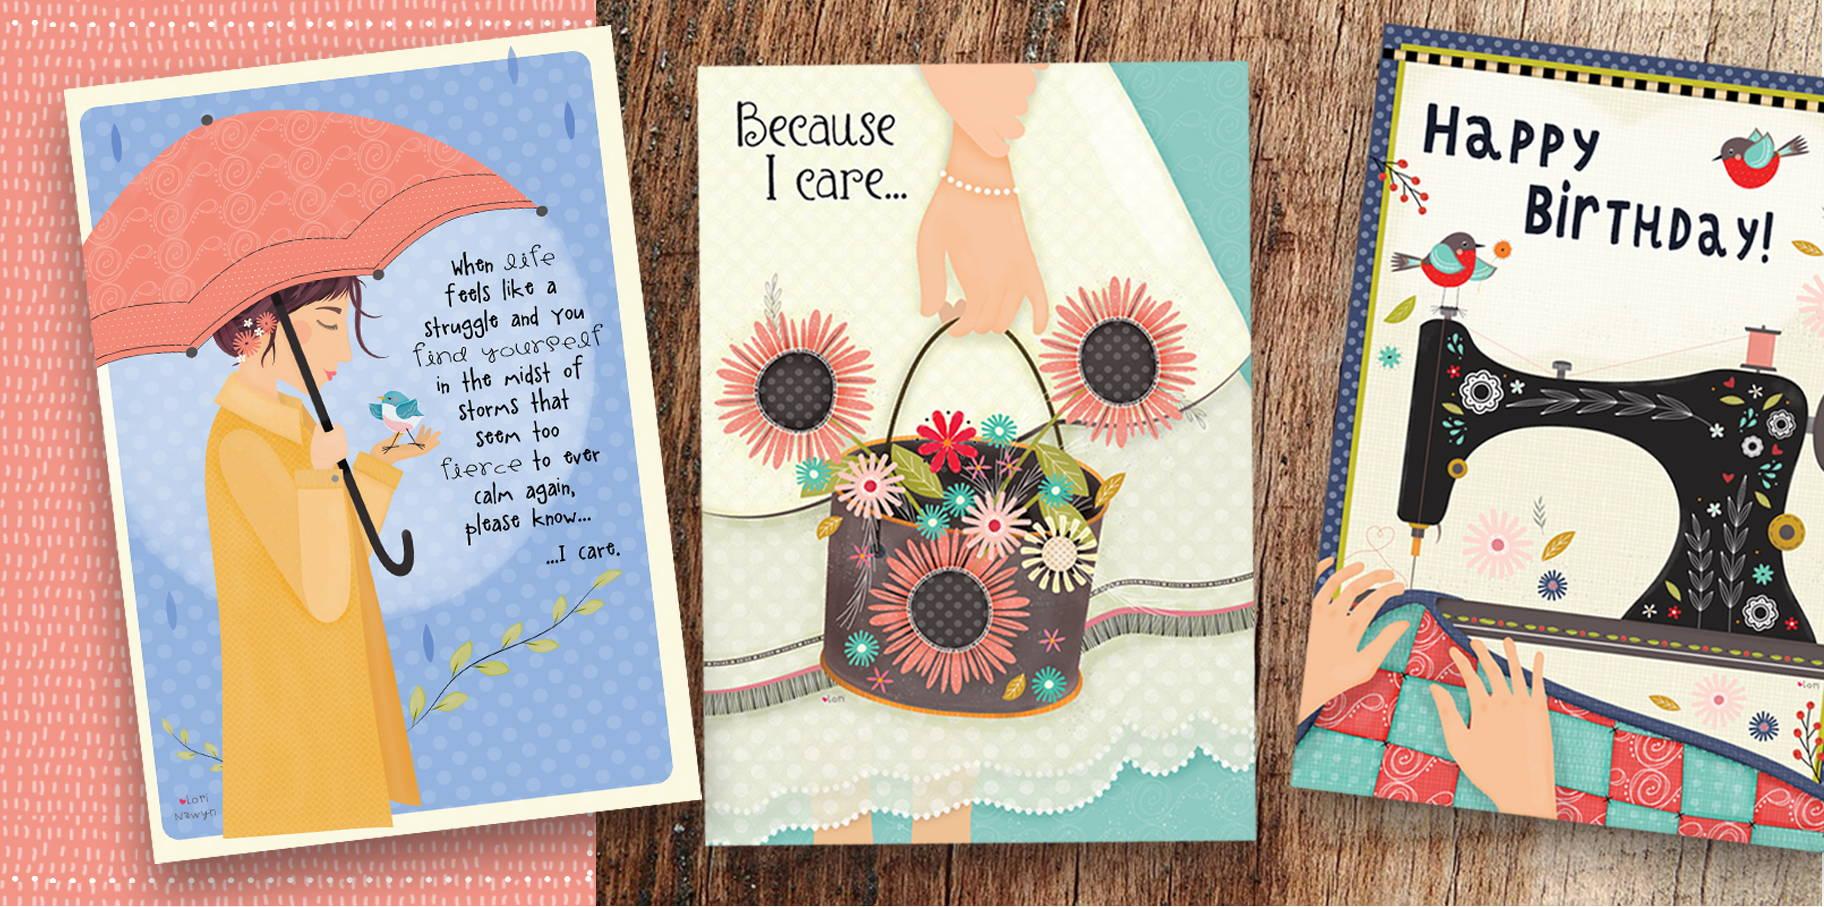 Lori Nawyn greeting cards